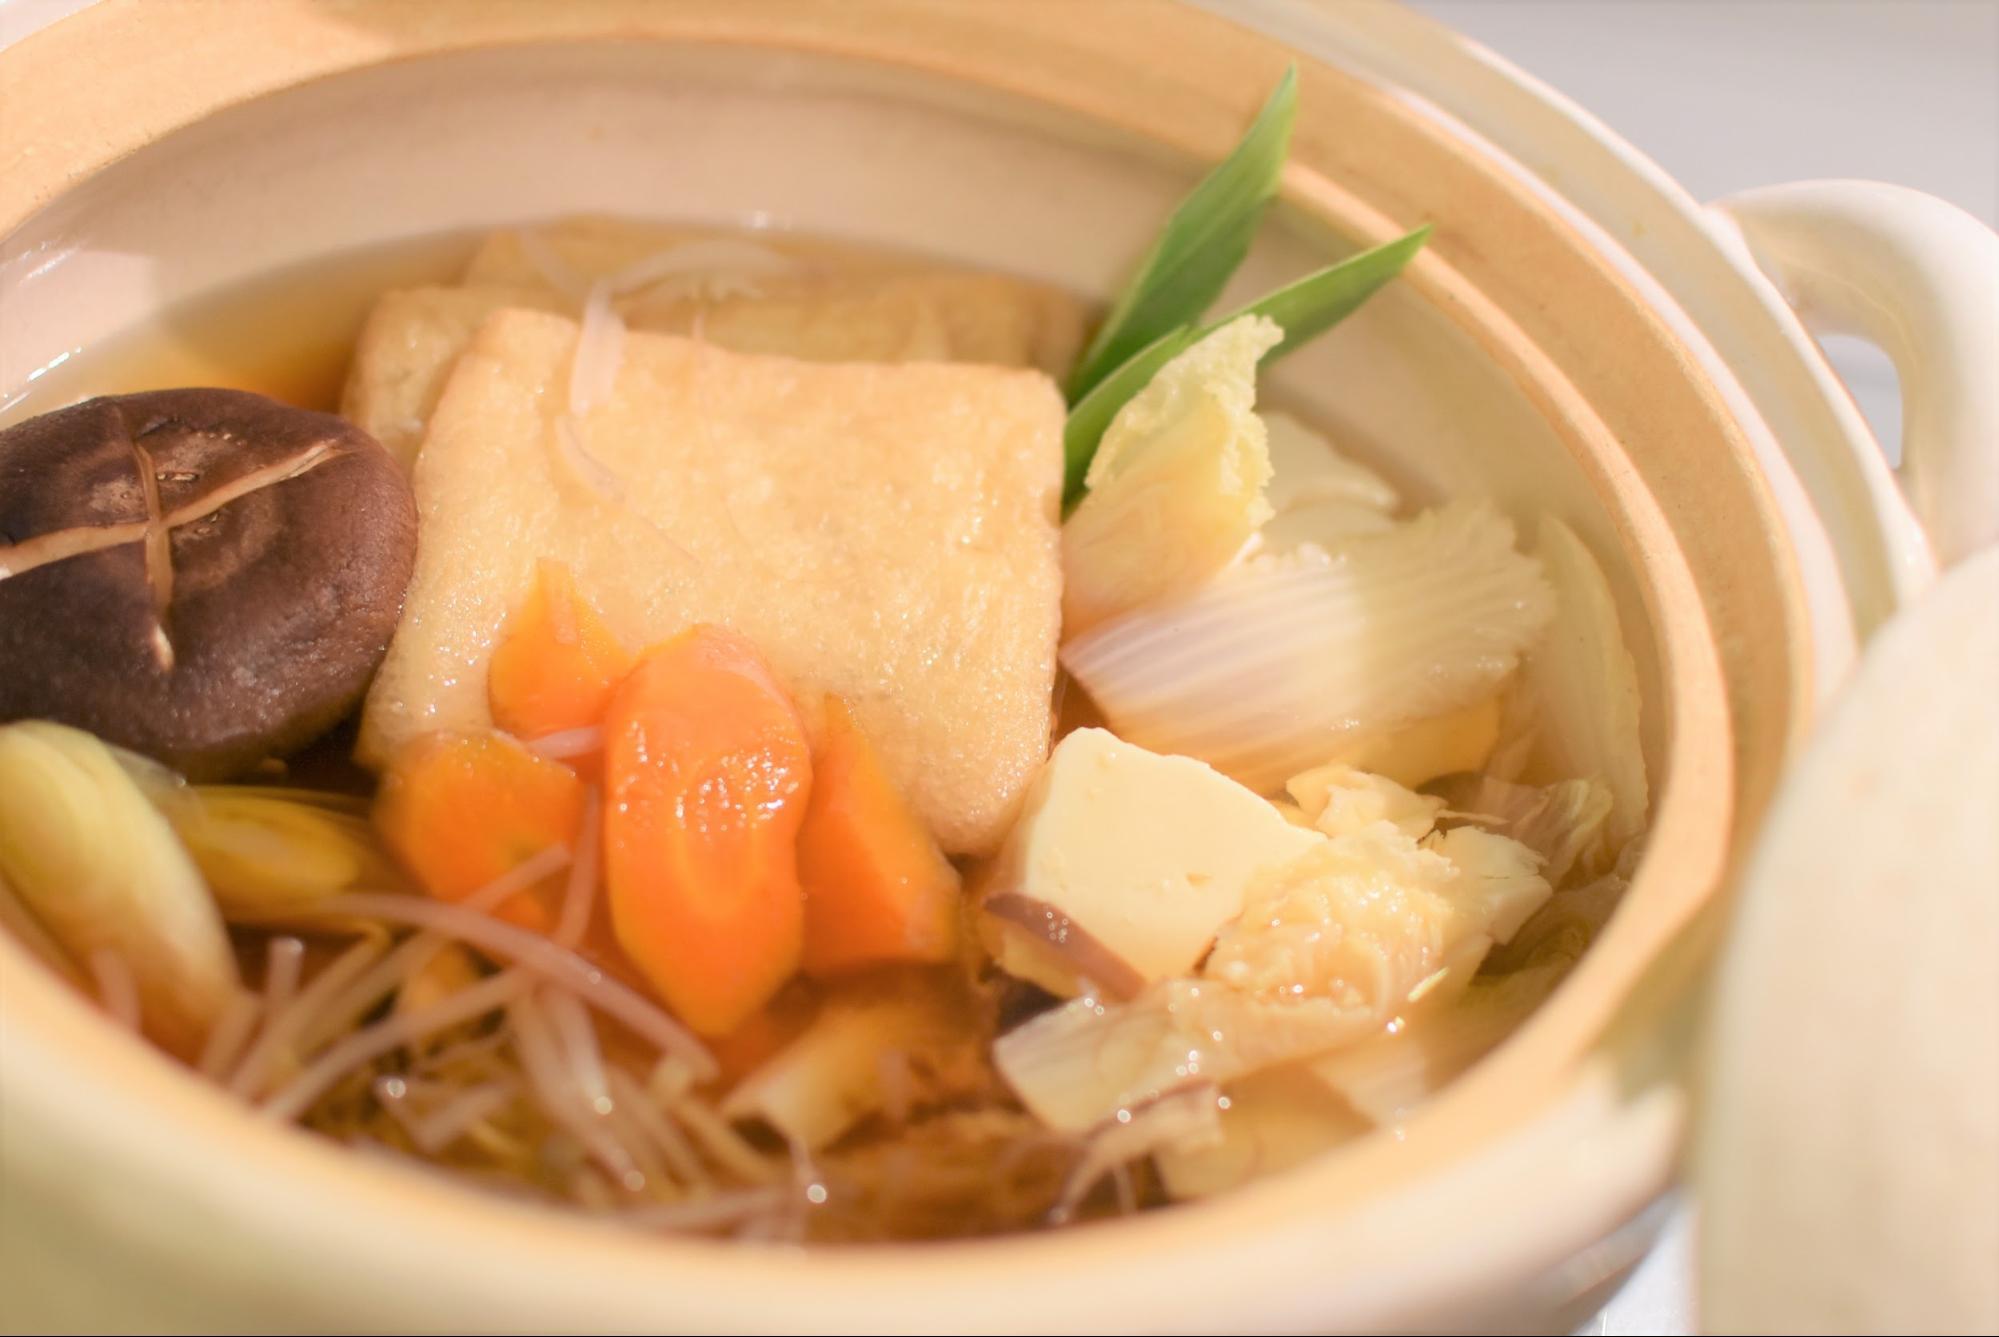 海外でも手作りと工夫で和食を楽しむアイデア8選